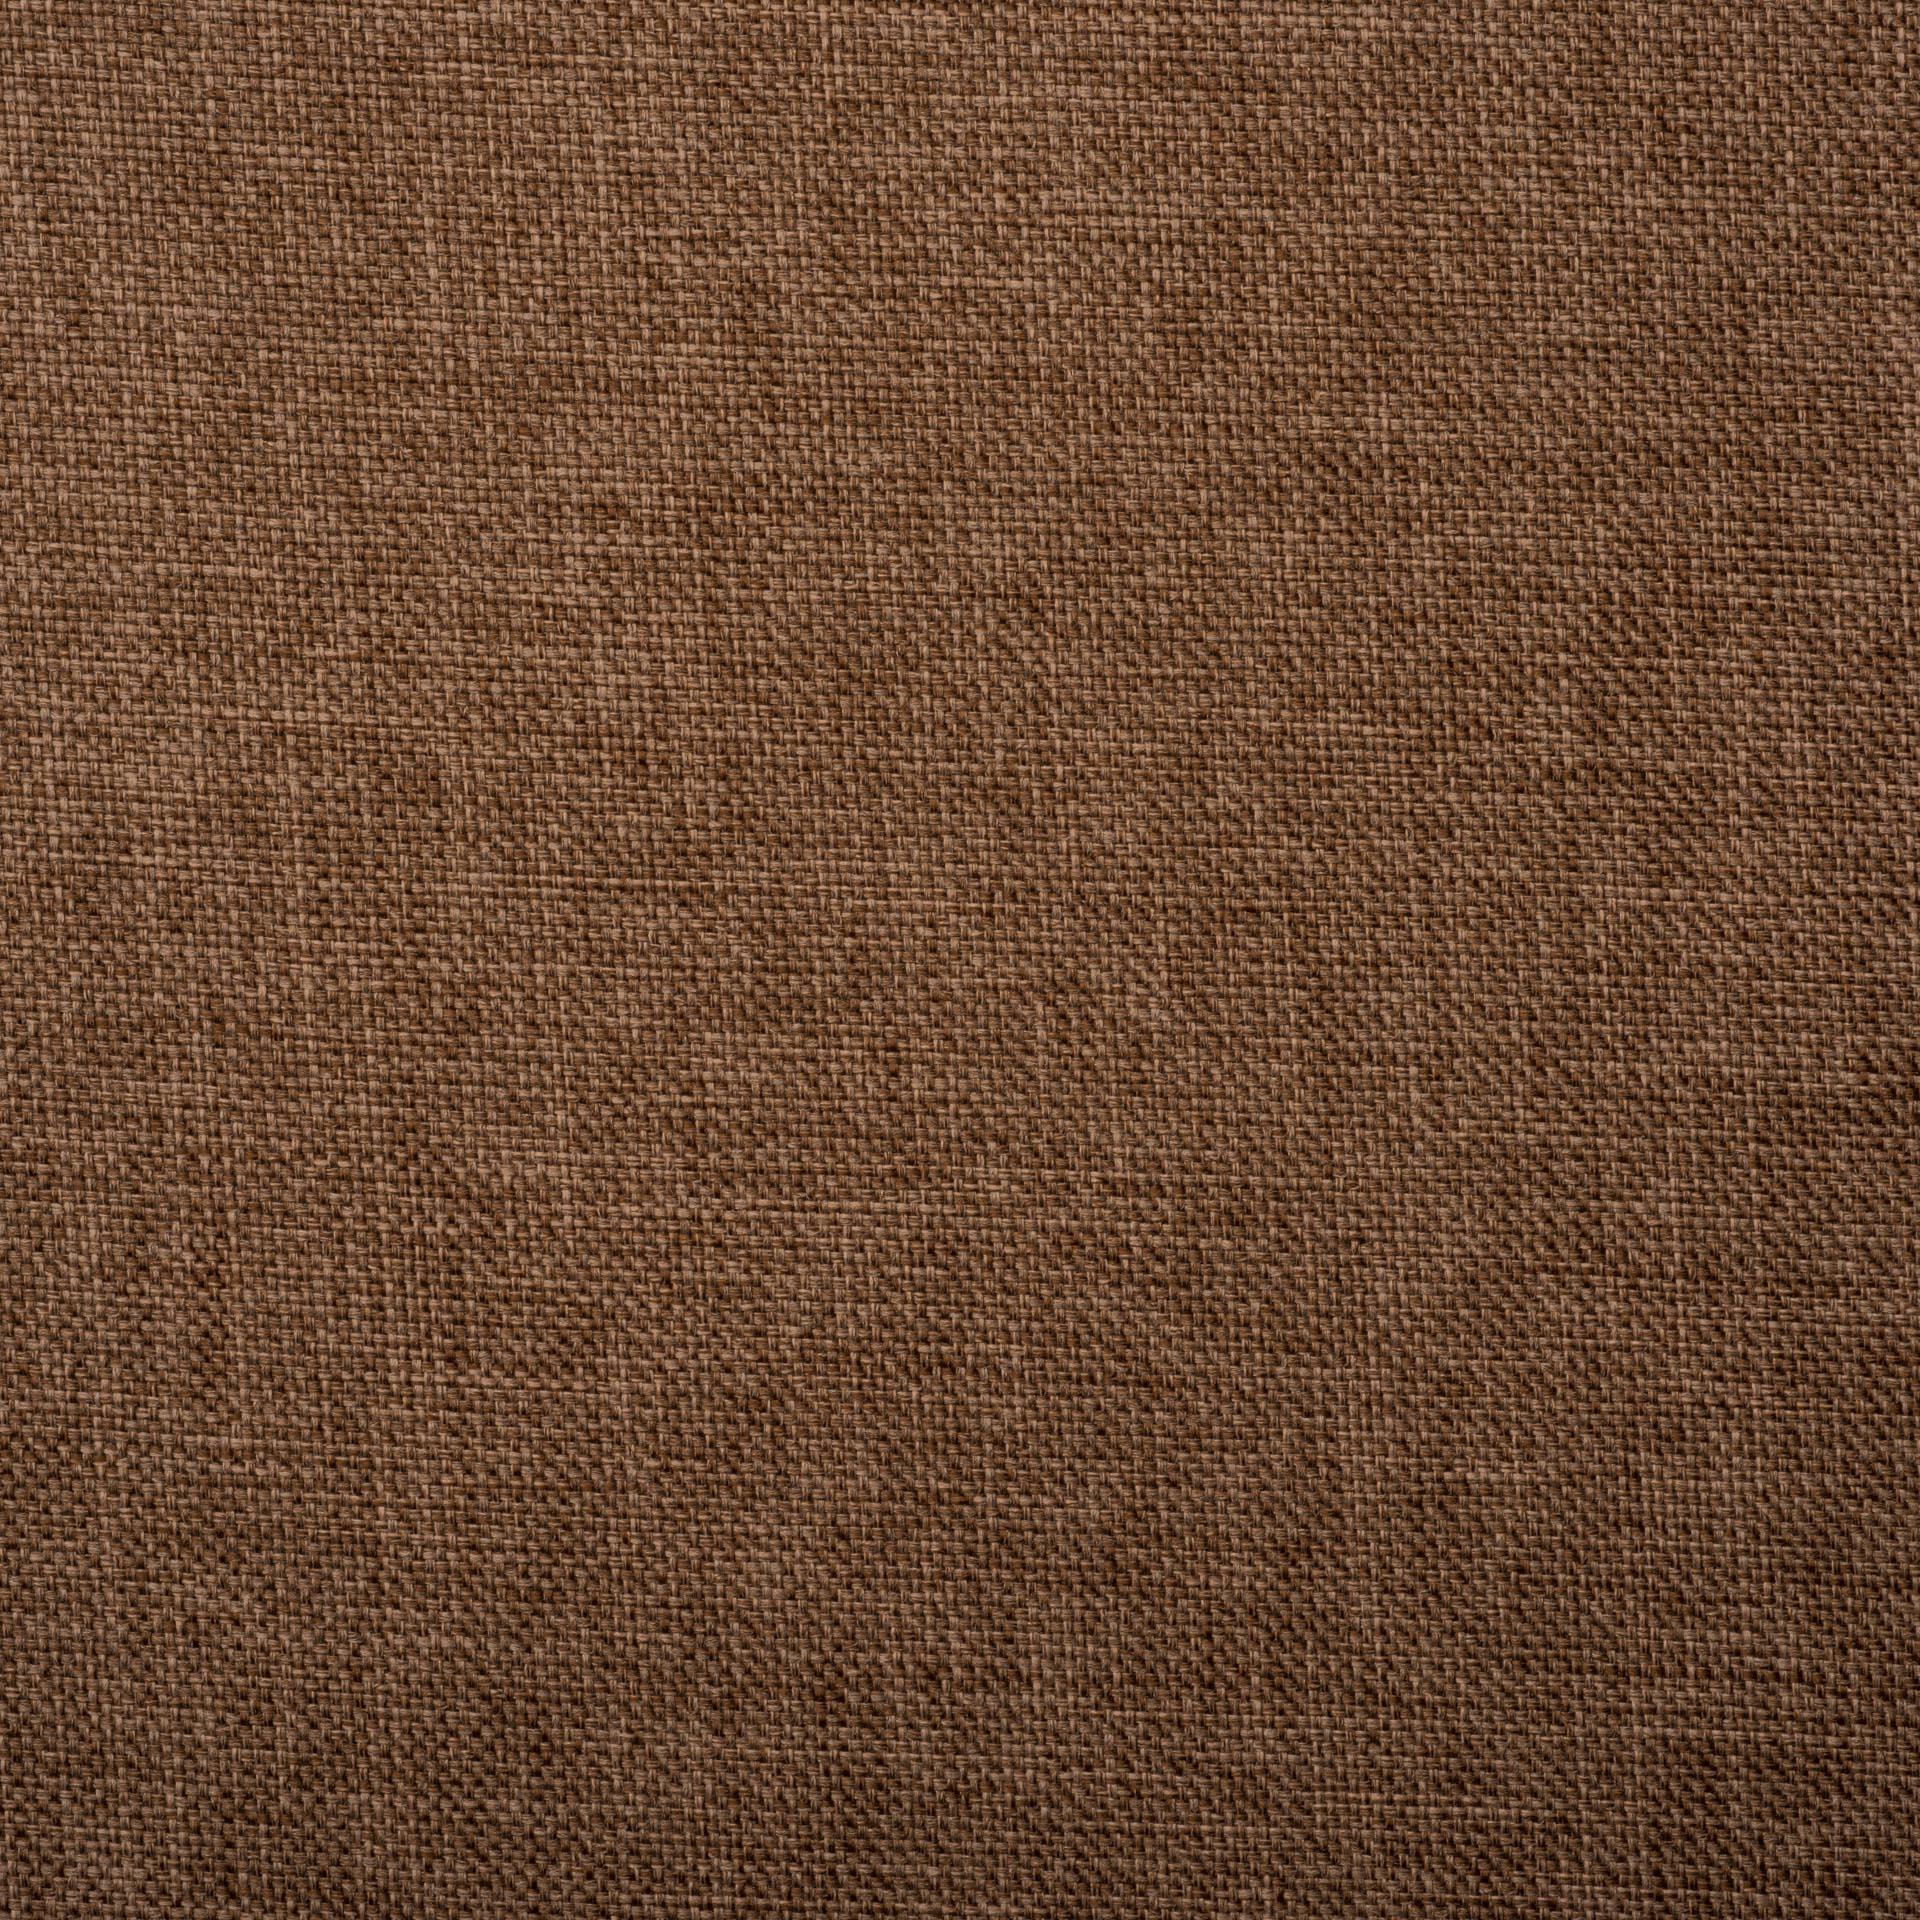 Коллекция ткани Саванна GOLD BROWN 05,  купить ткань Жаккард для мебели Украина